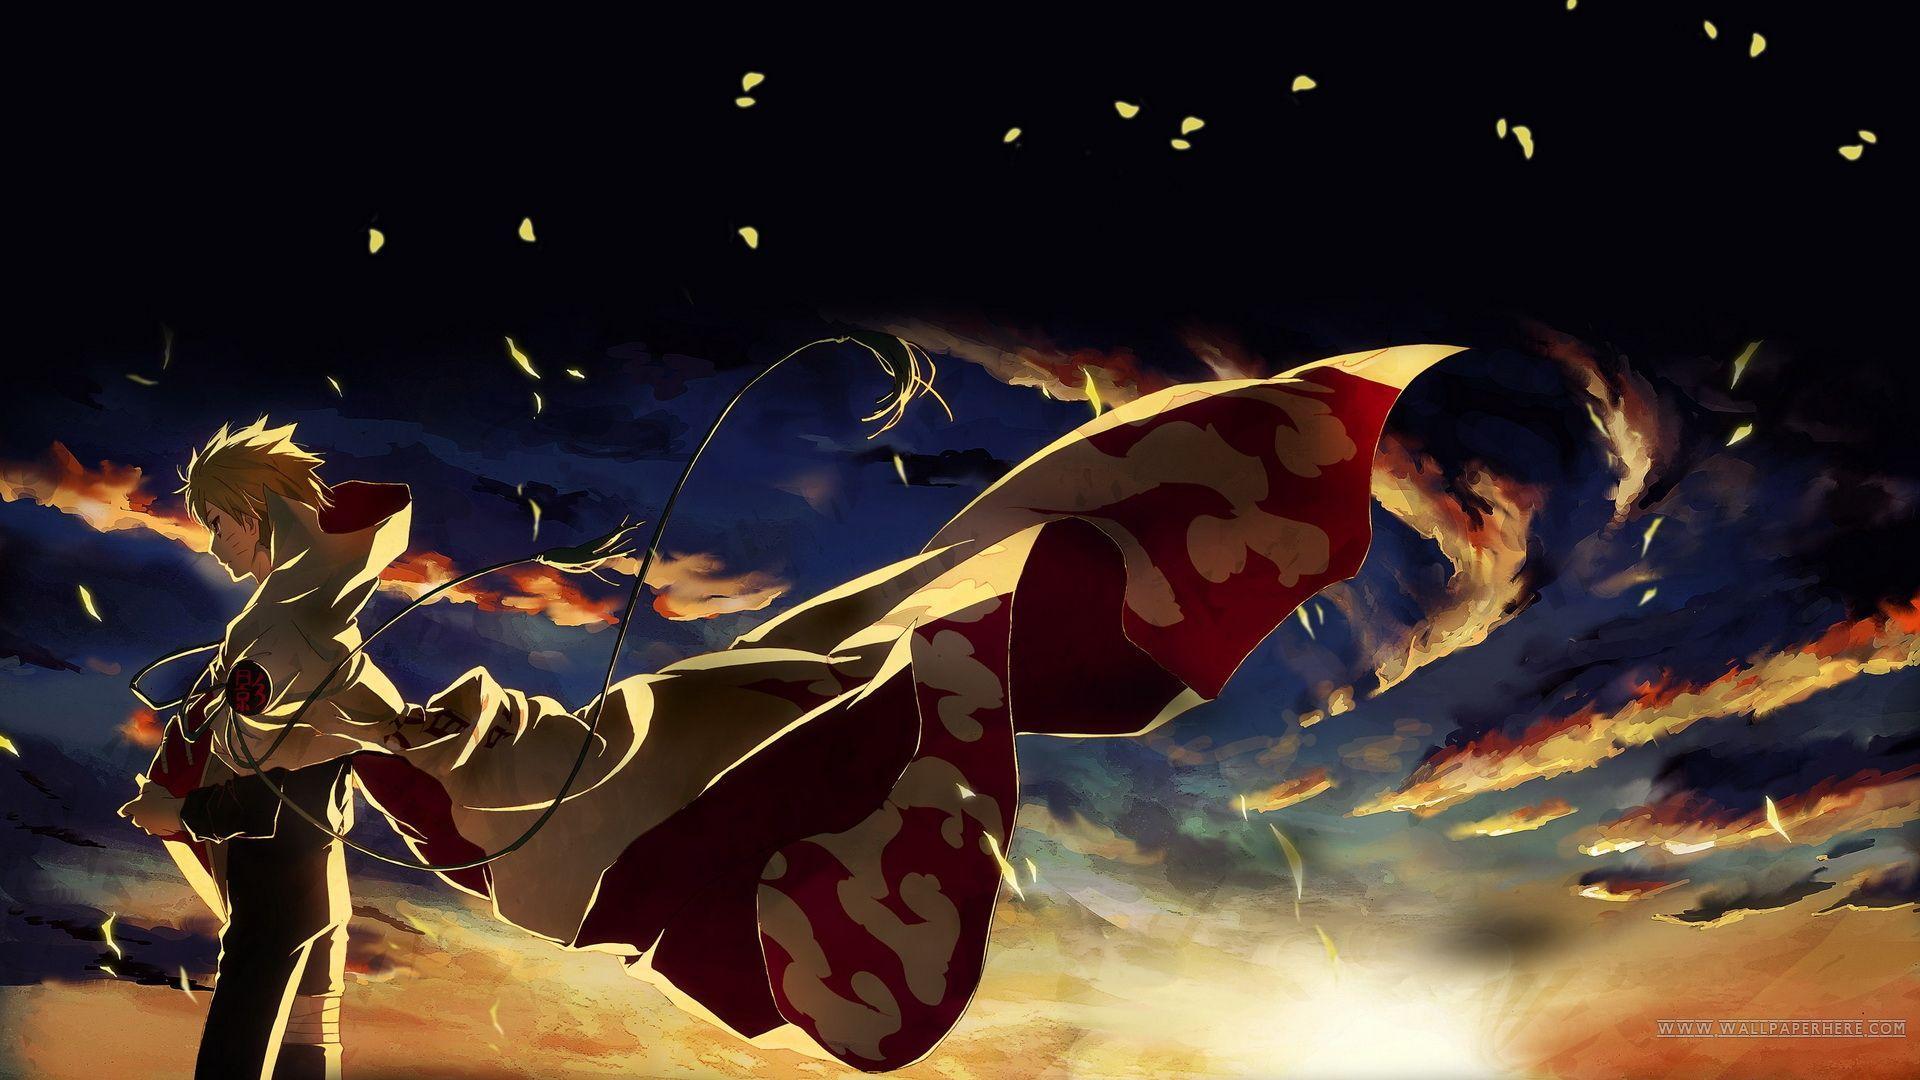 Must see Wallpaper Naruto Gambar - wp2329619  Picture_526183.jpg